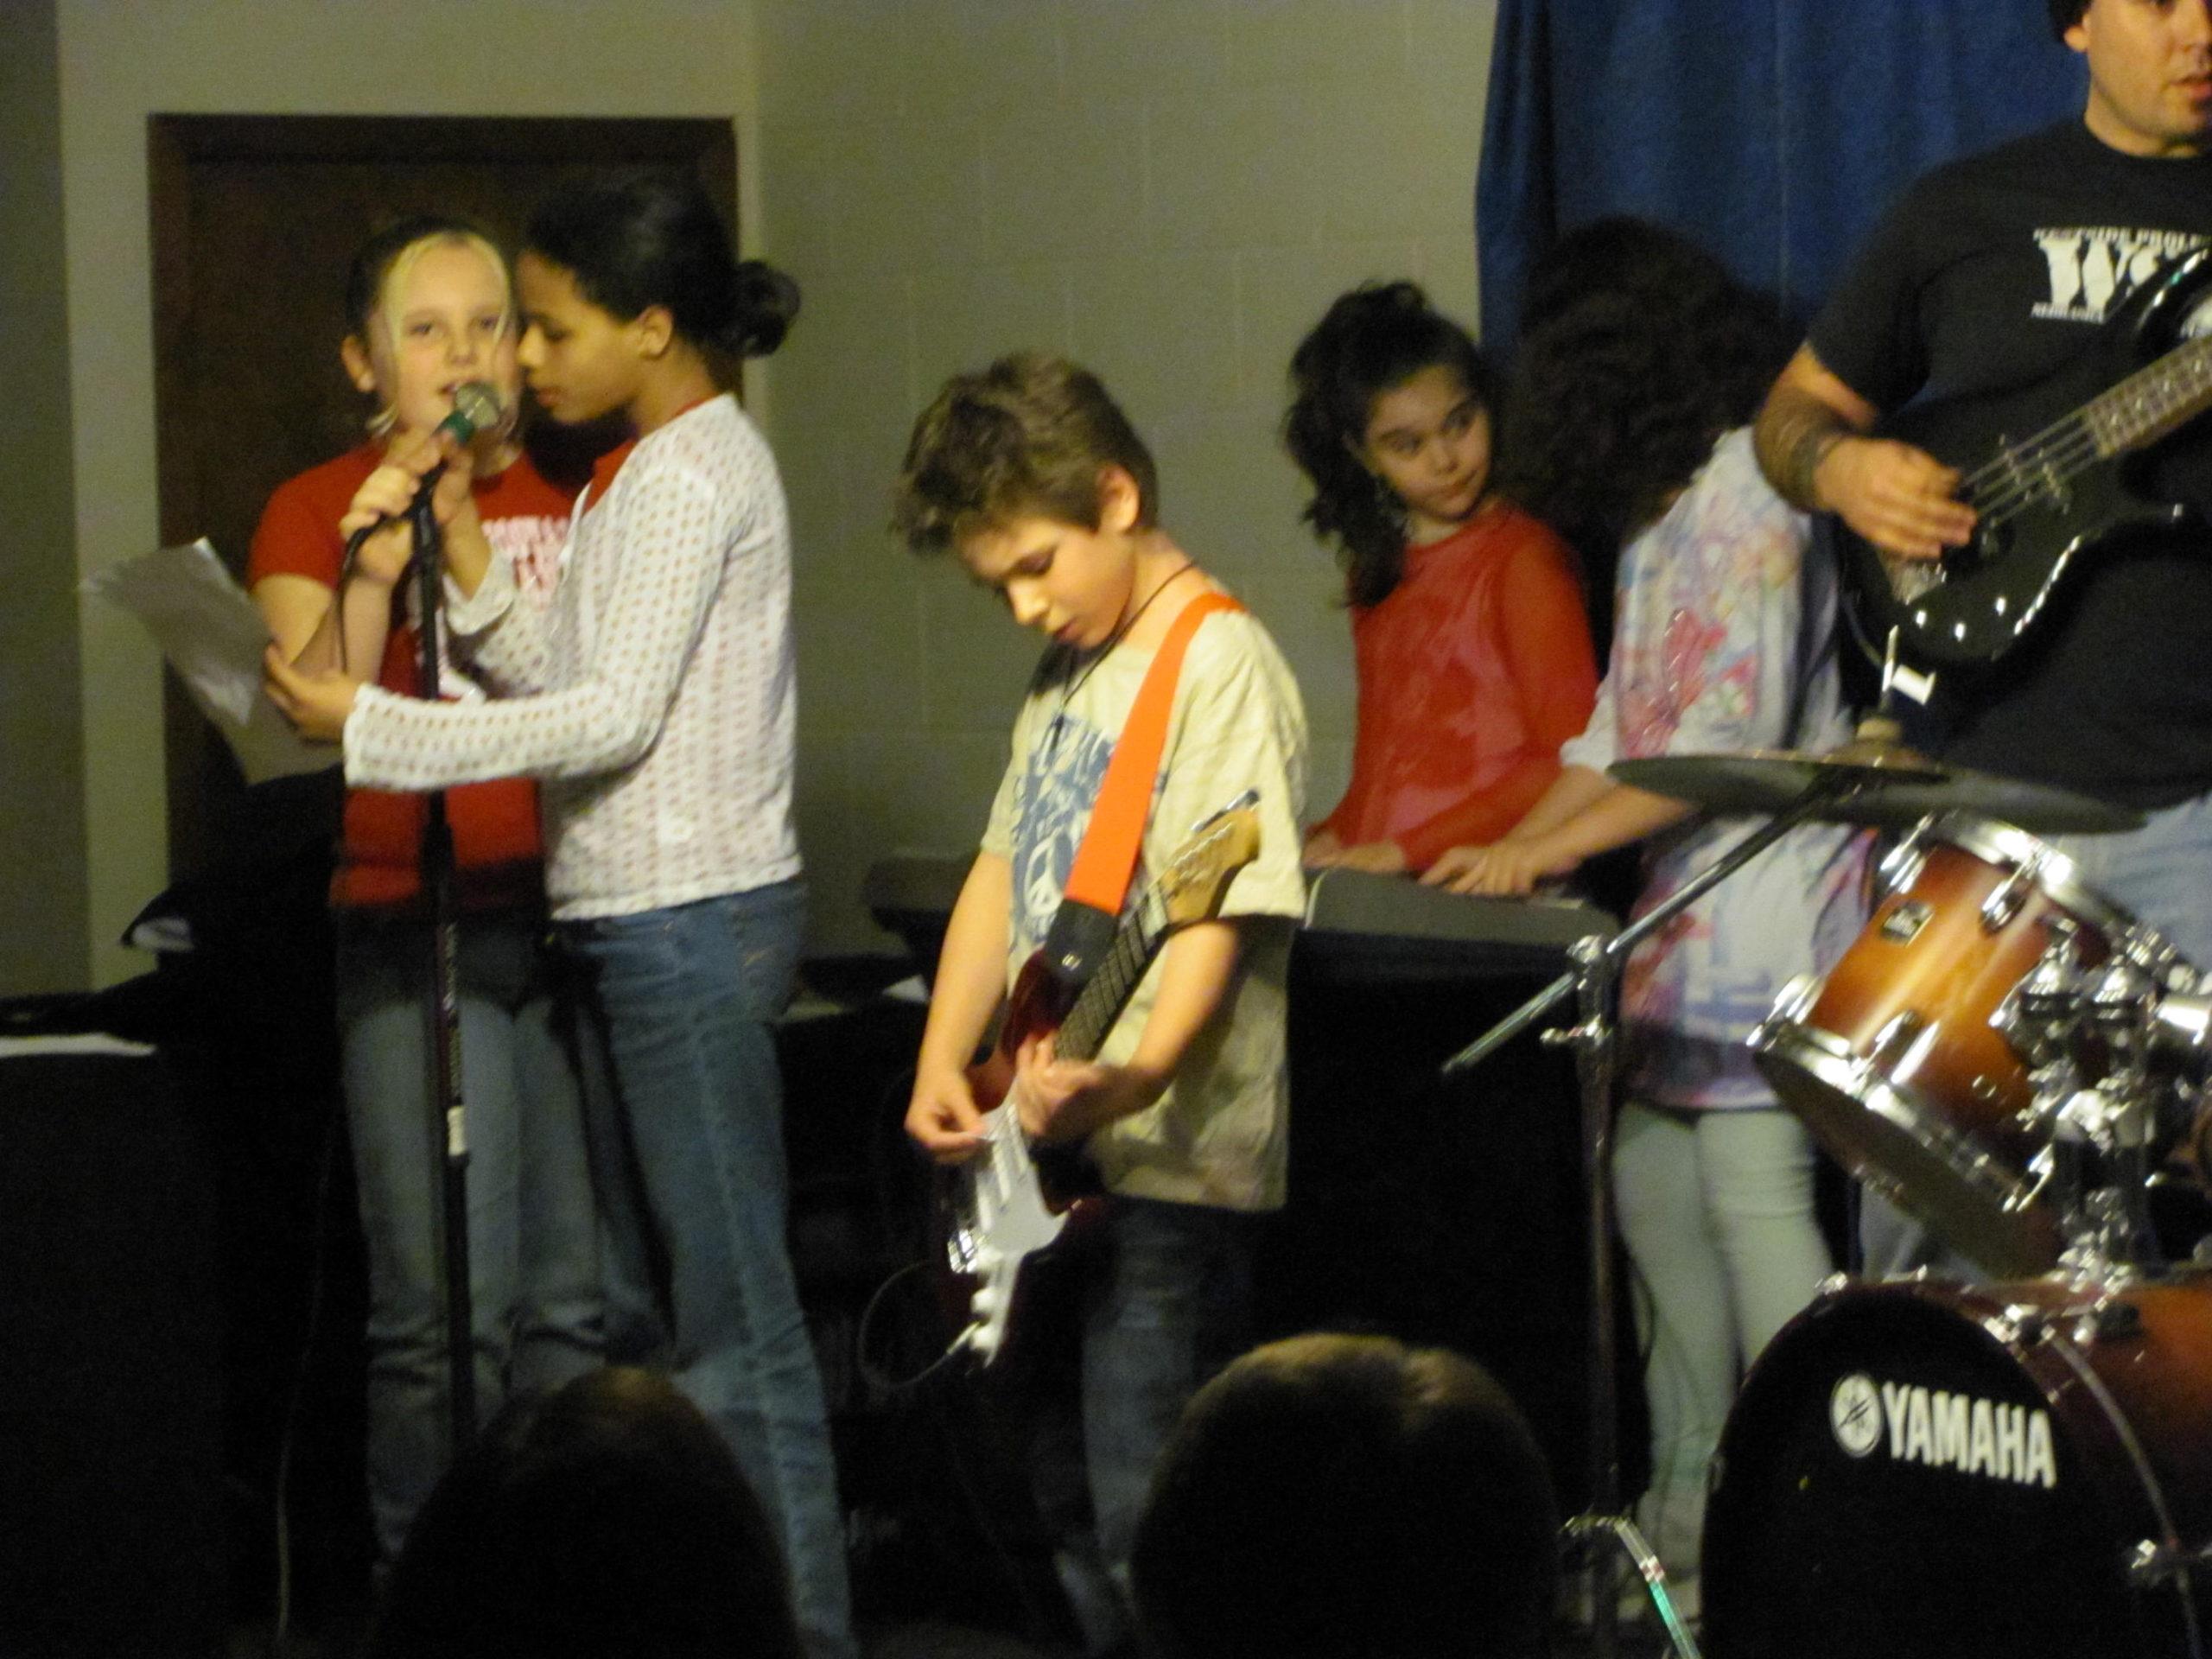 cgsmusic: Academy of Rock